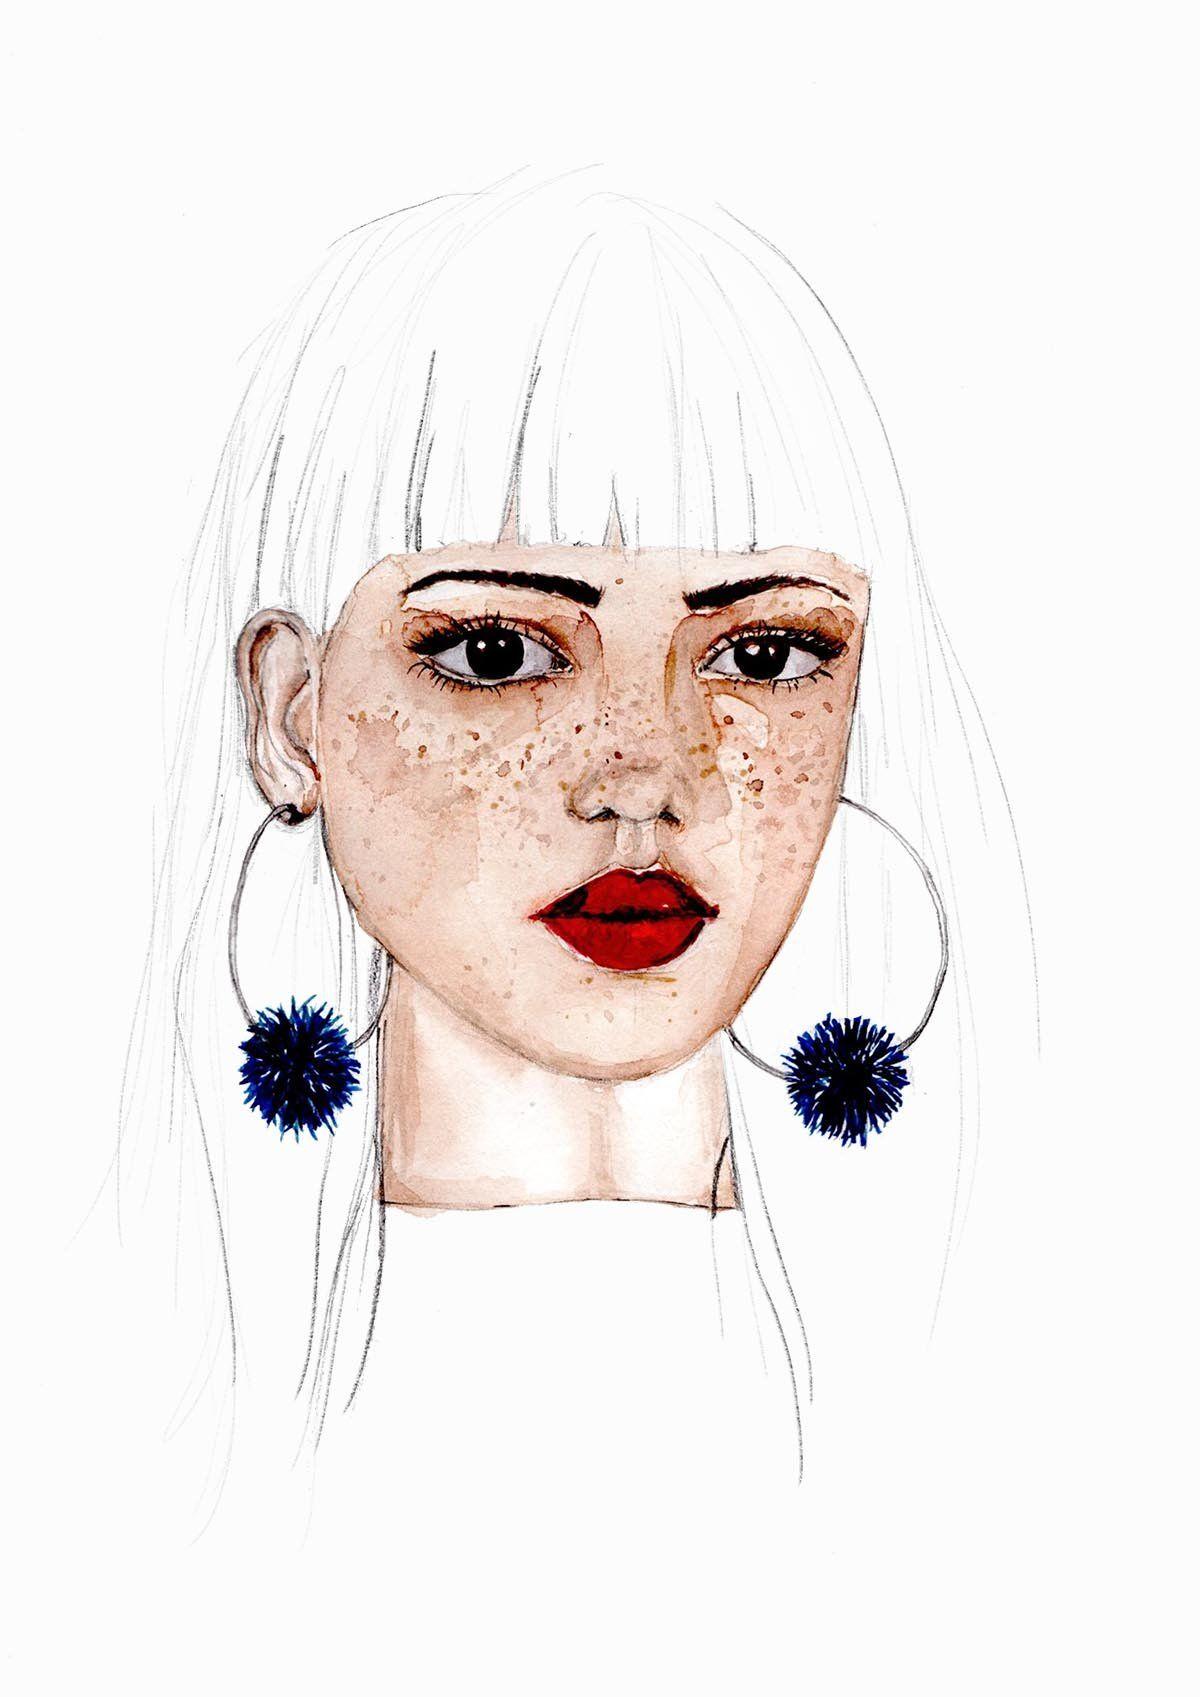 Gesichter zeichnen in 5 Schritten erklärt Illustration.